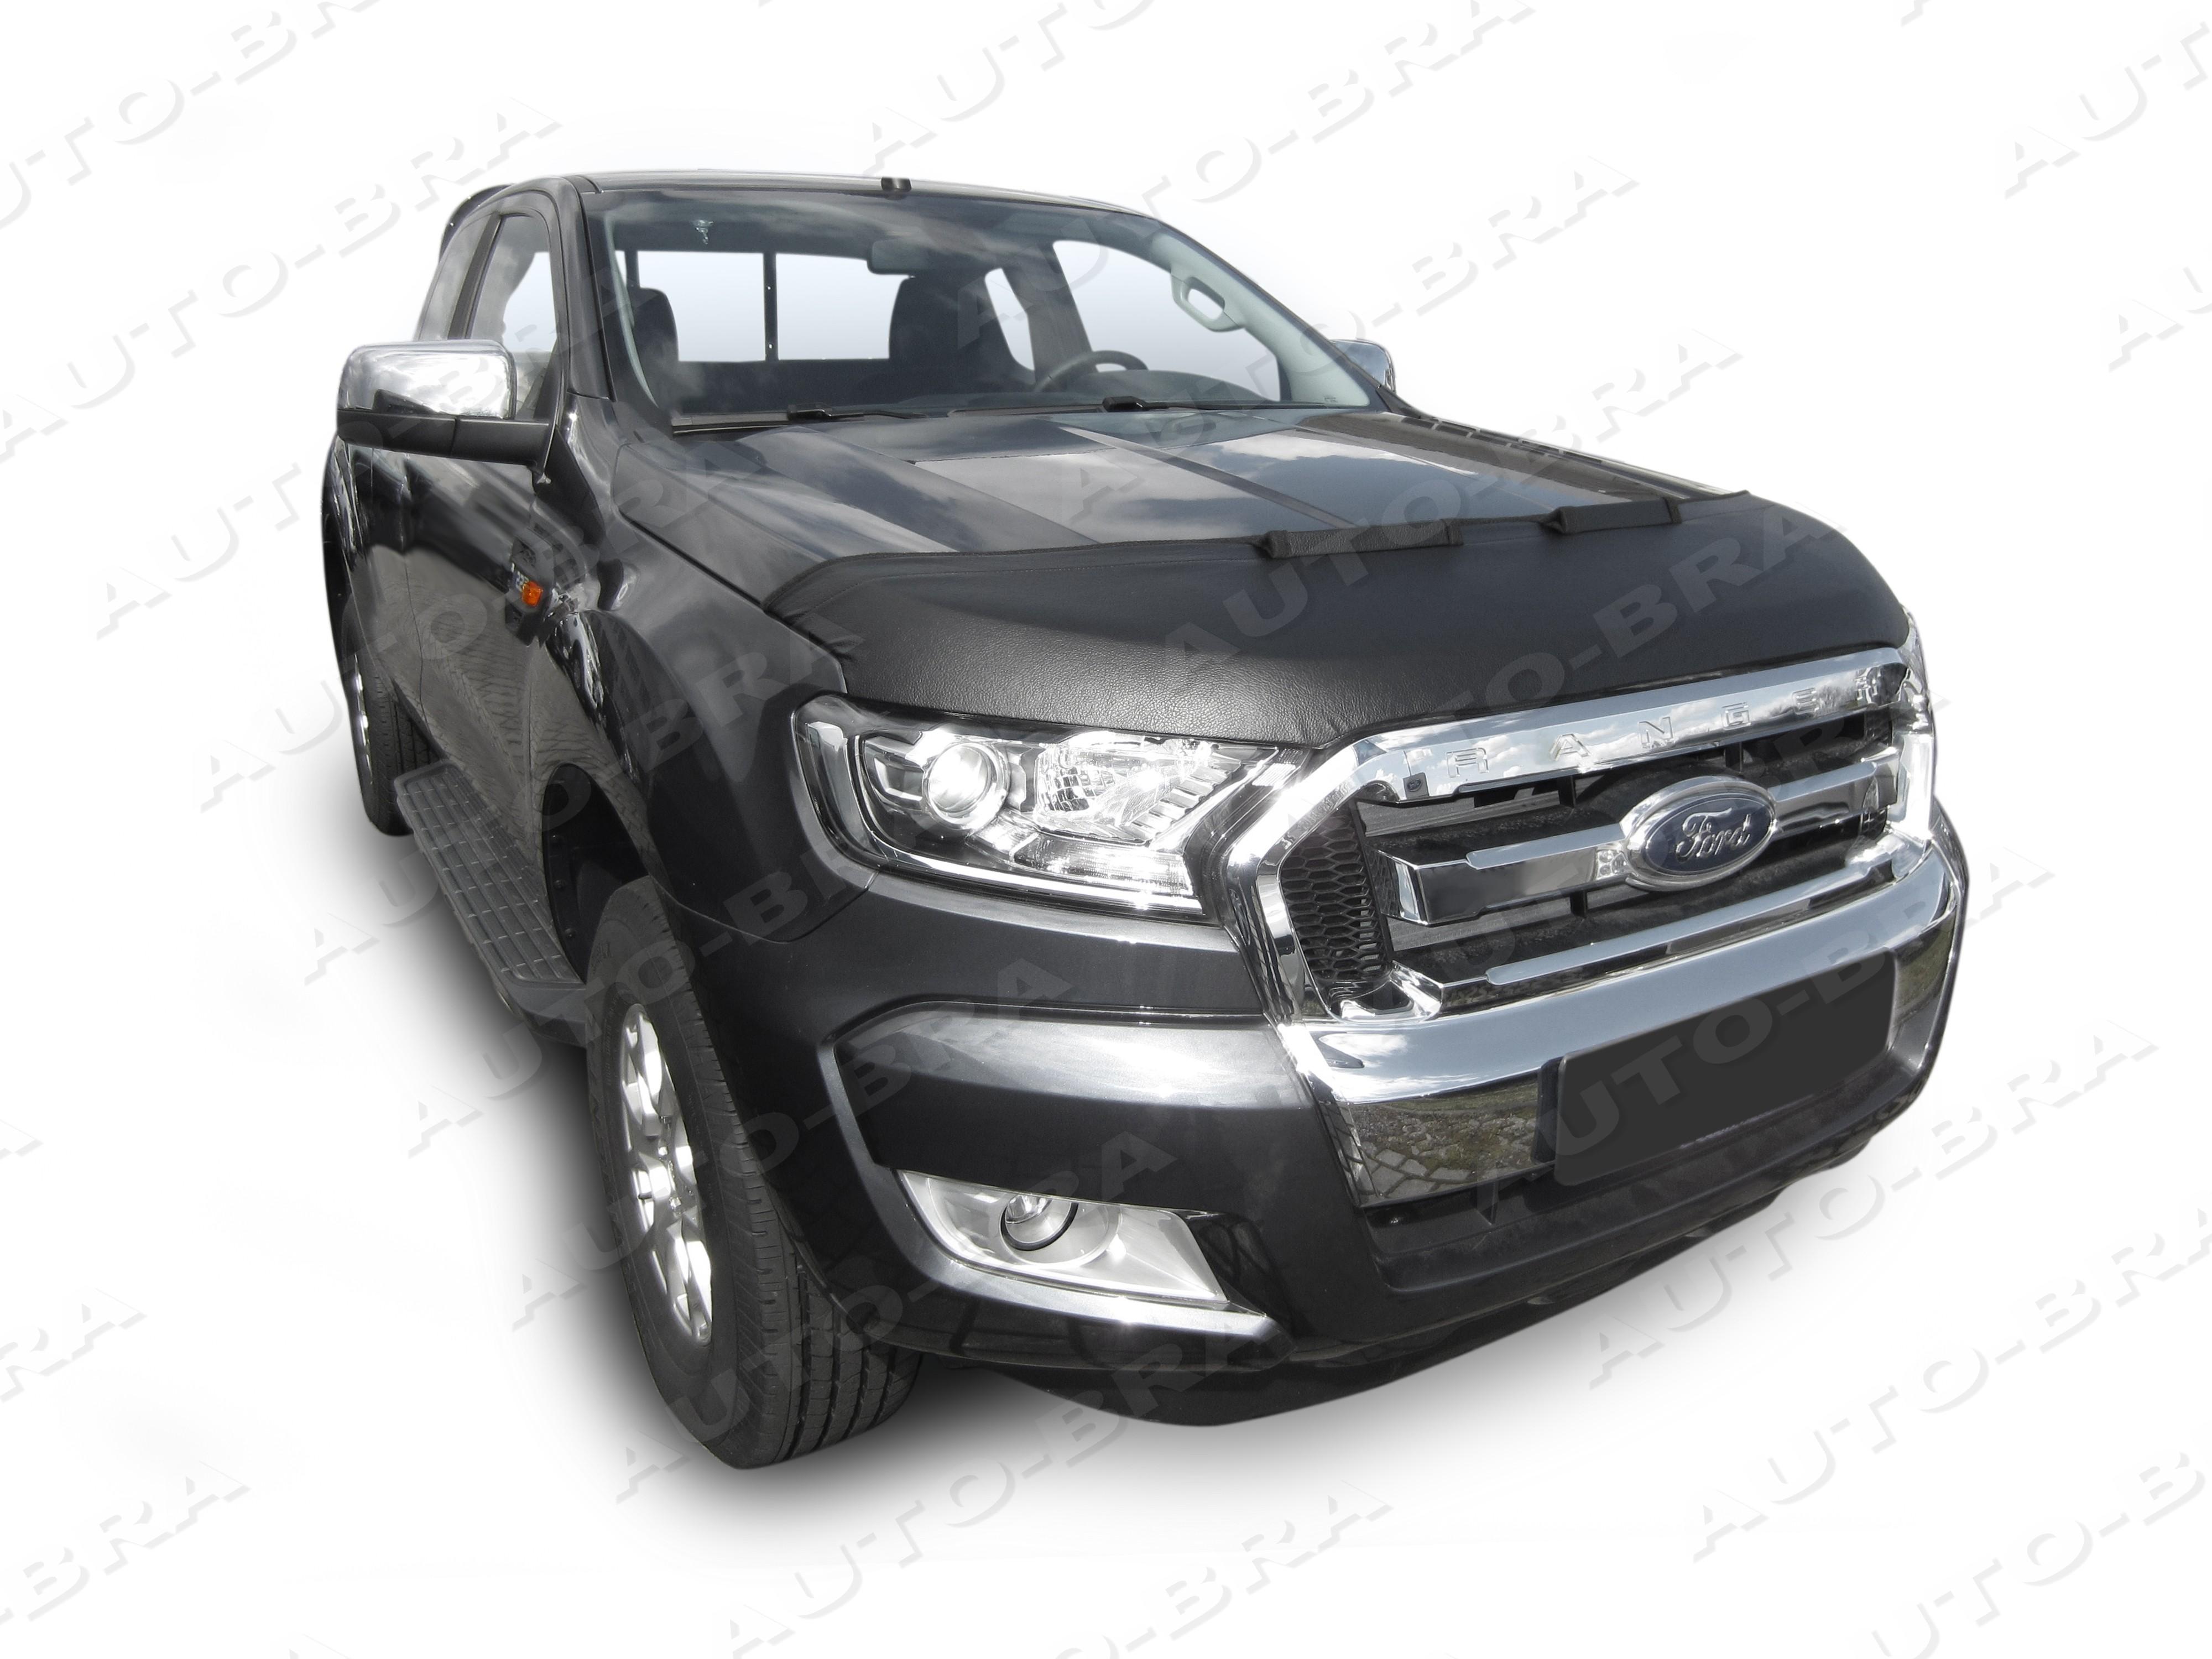 Ford Ranger 2017 >> Car Hoodbra Stoneguard Bonnetbra Bonnet Bra Ford Ranger 2017 Auto Bra